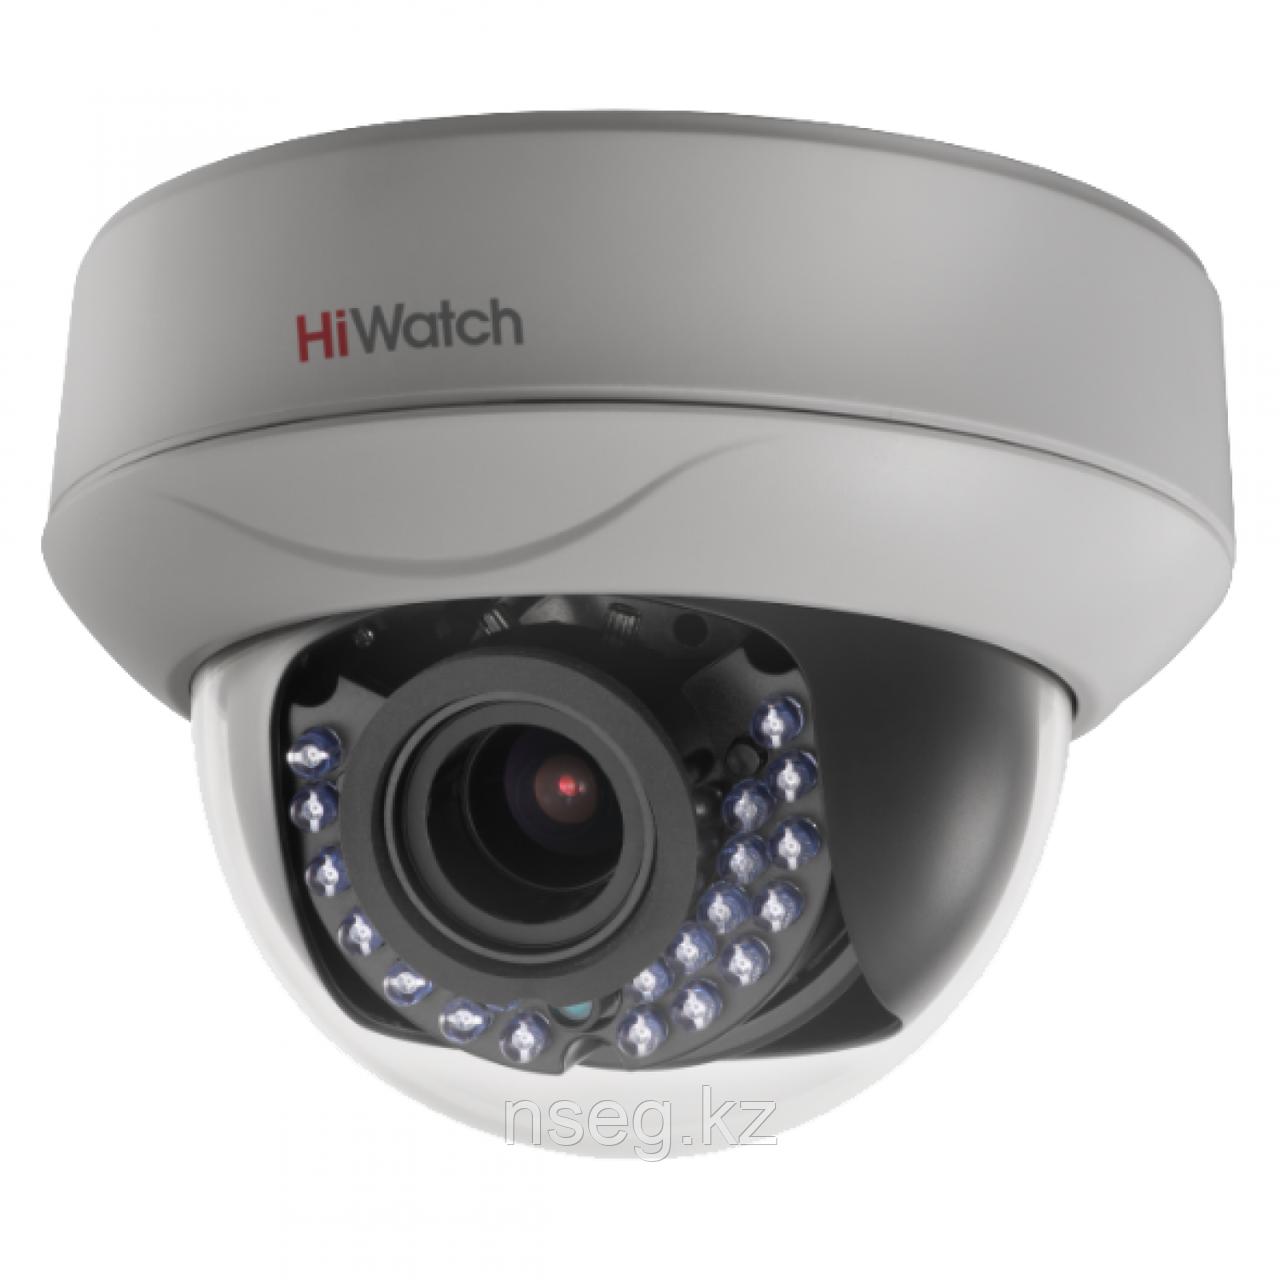 HiWatch DS-T208S 2Мп внутренняя купольная HD-TVI камера с ИК-подсветкой до 60м